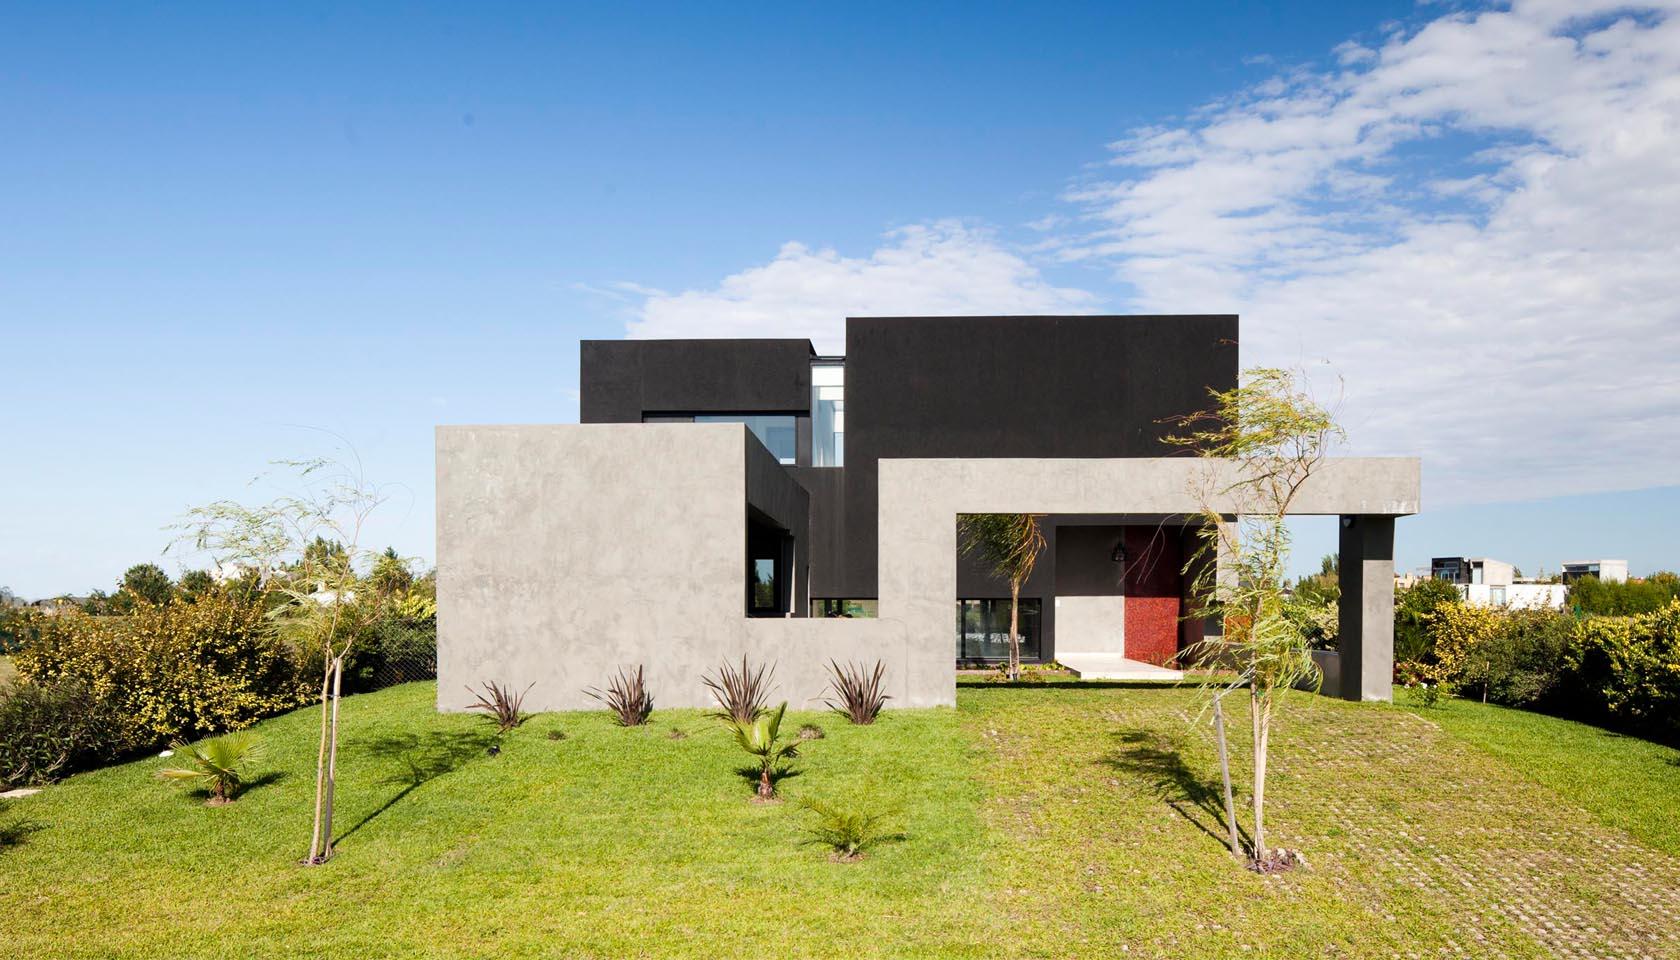 arquitectura de cintas de hormigón, diseño de fachadas, casas conceptuales,